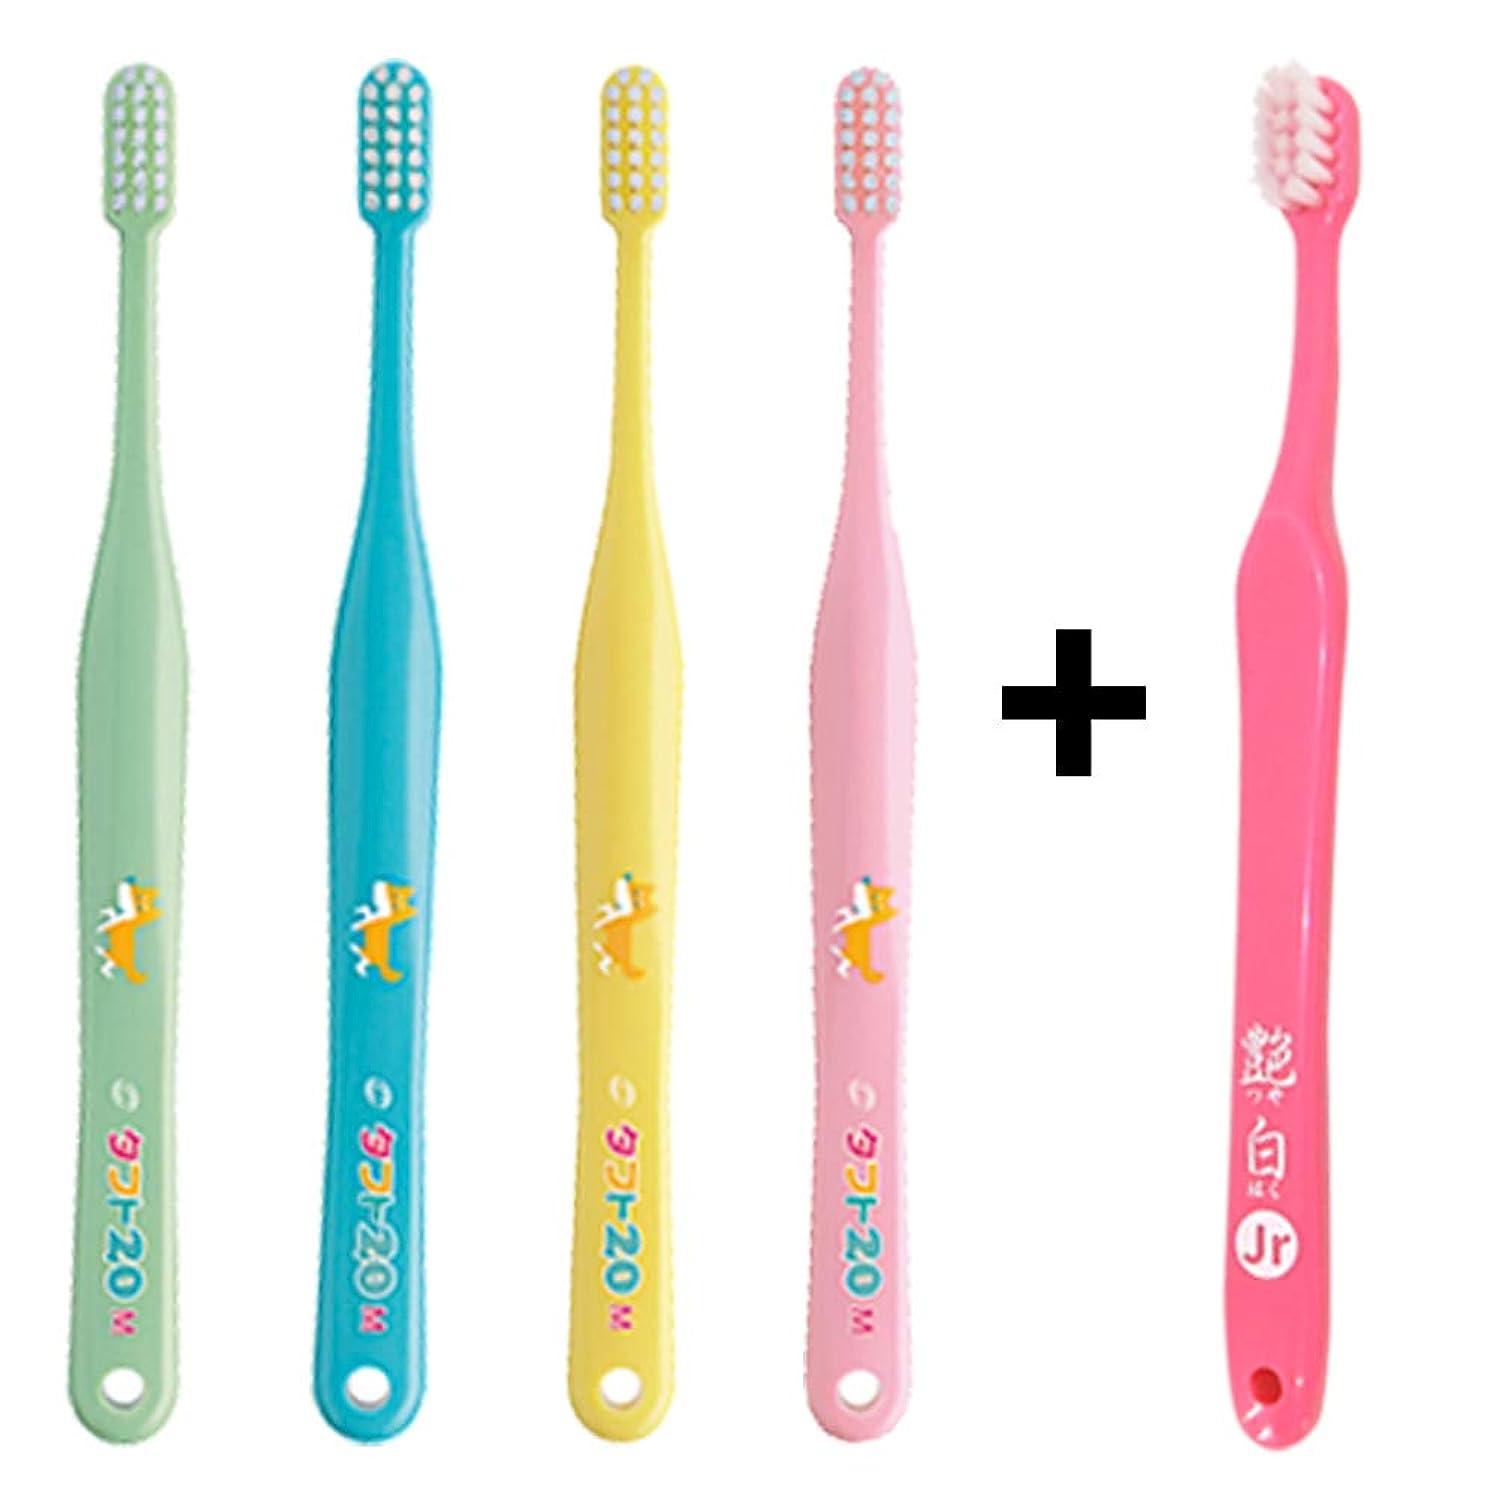 キャンパスに同意するコアタフト20 M(ふつう) こども 歯ブラシ×10本 + 艶白(つやはく) Jr ジュニア ハブラシ×1本 MS(やややわらかめ) 日本製 歯科専売品